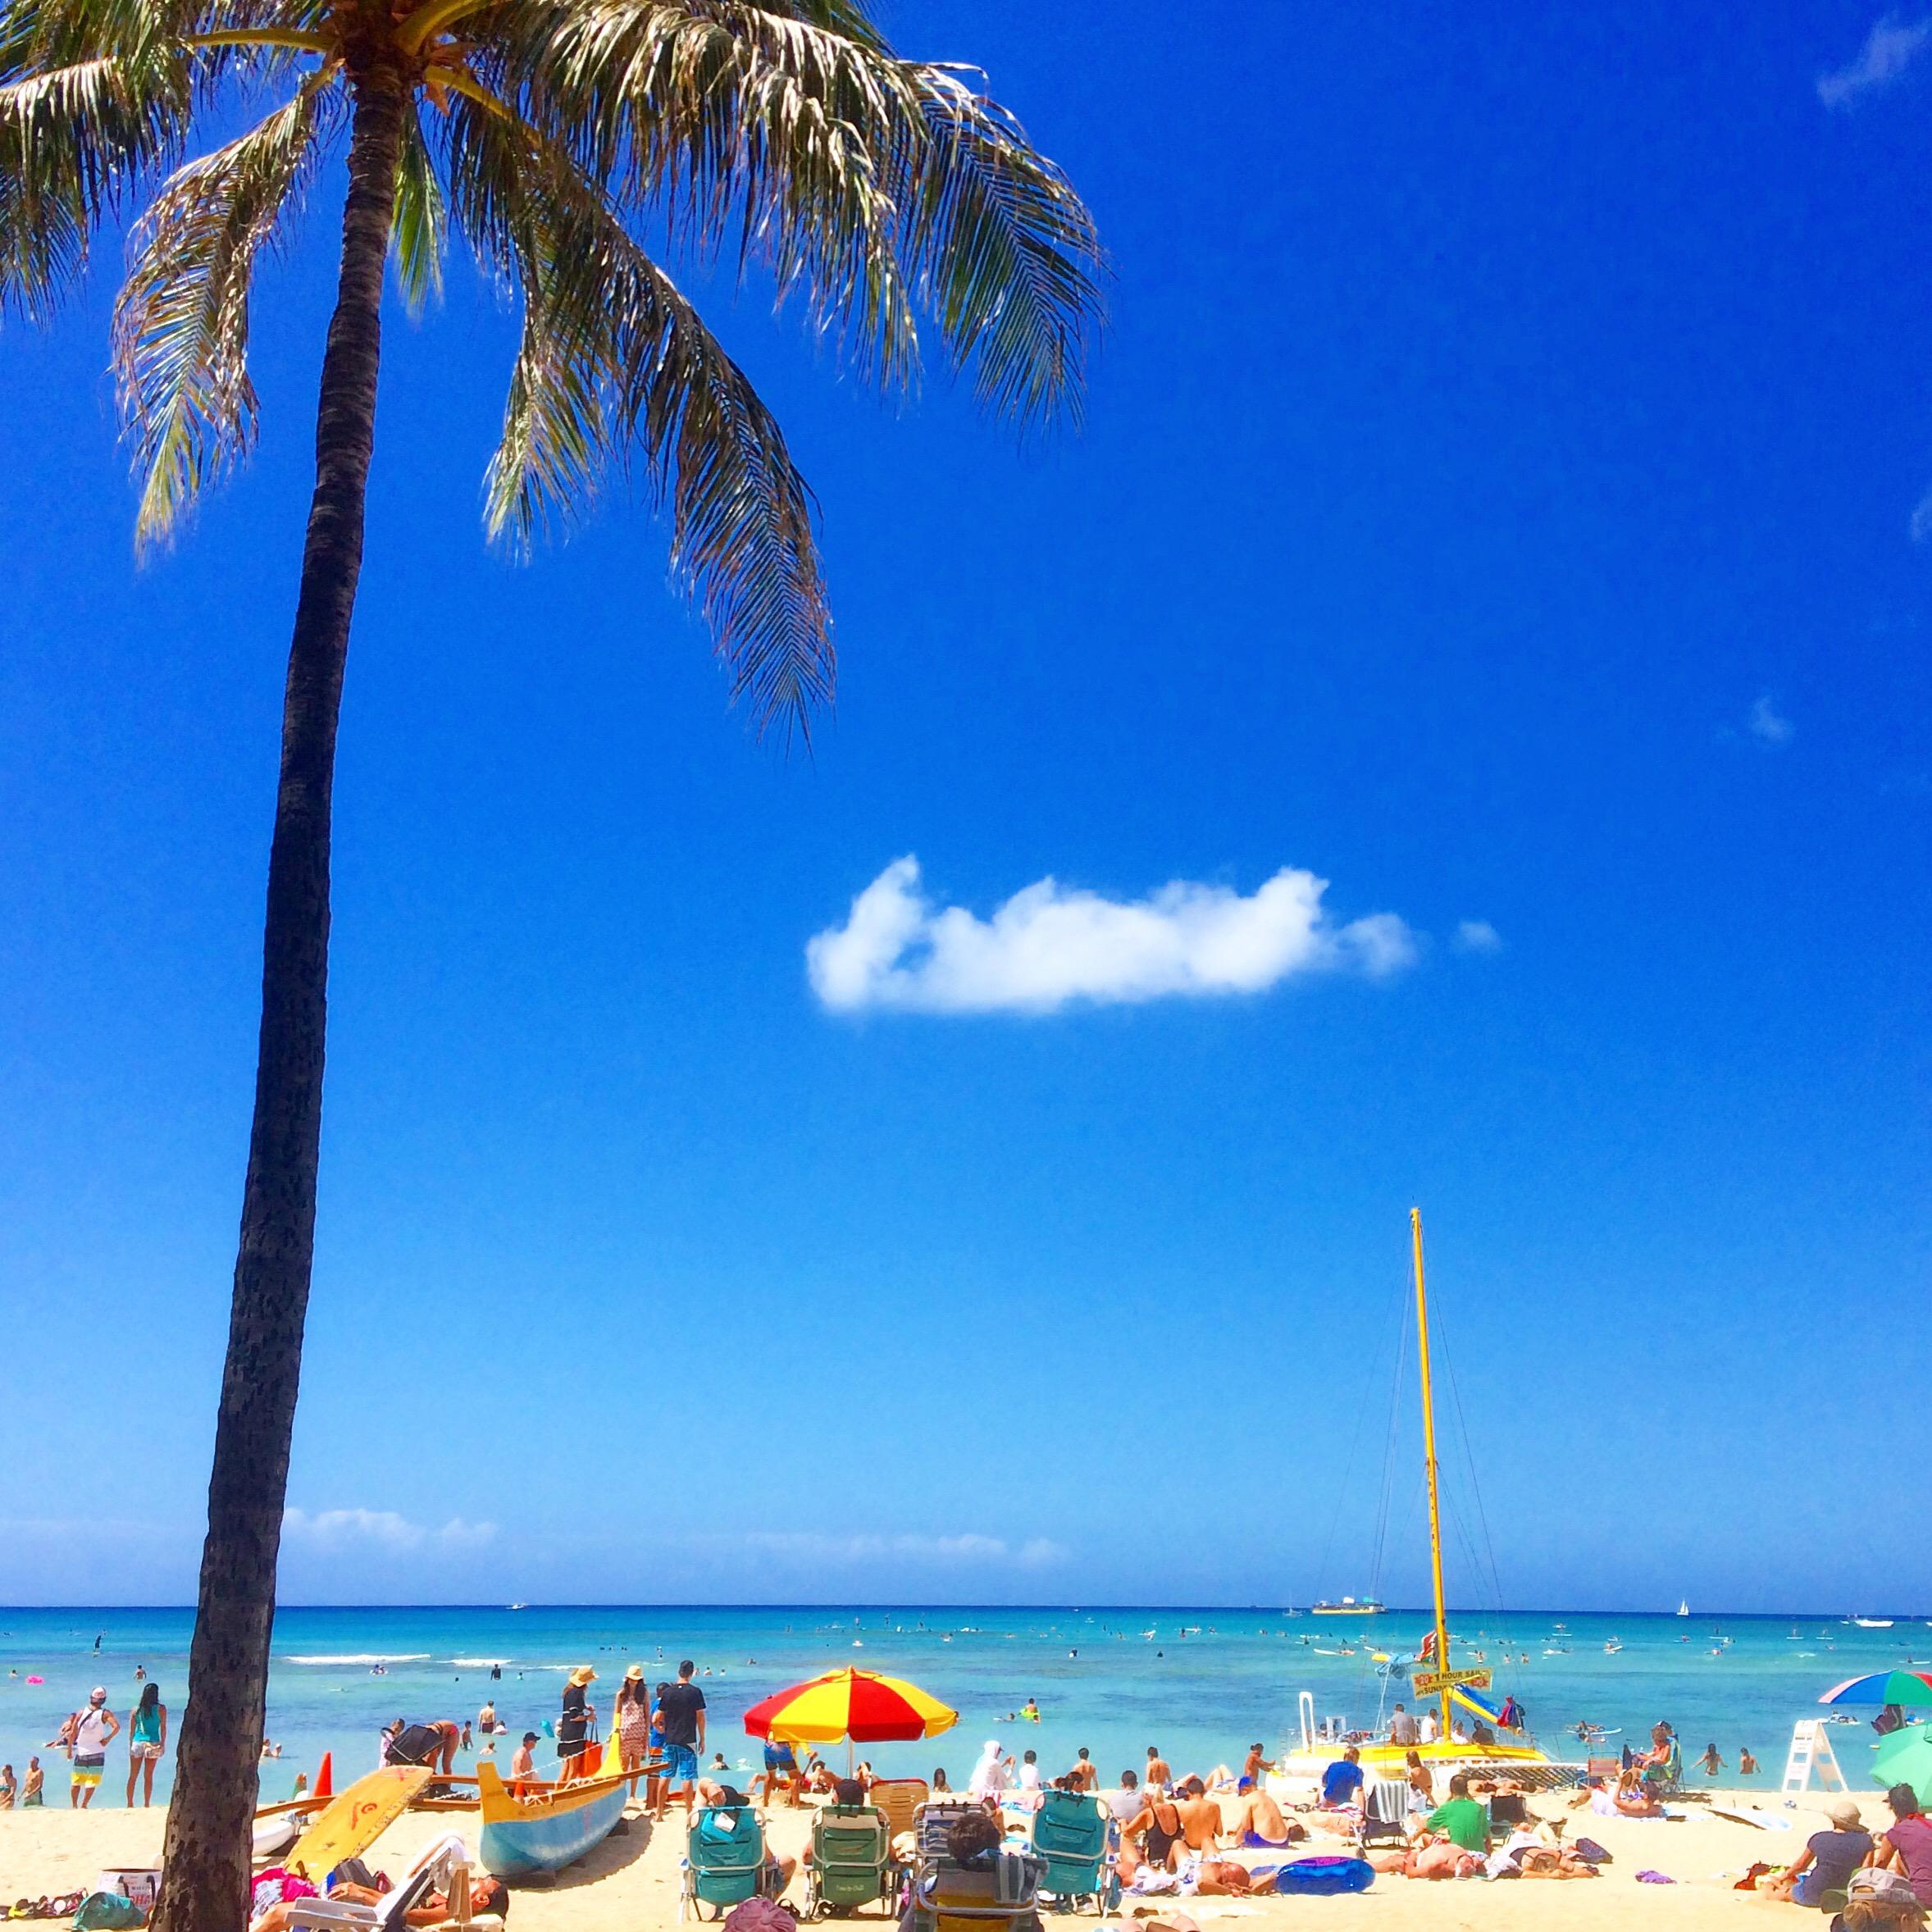 ワイキキビーチ。思い描いたまんまのハワイでした